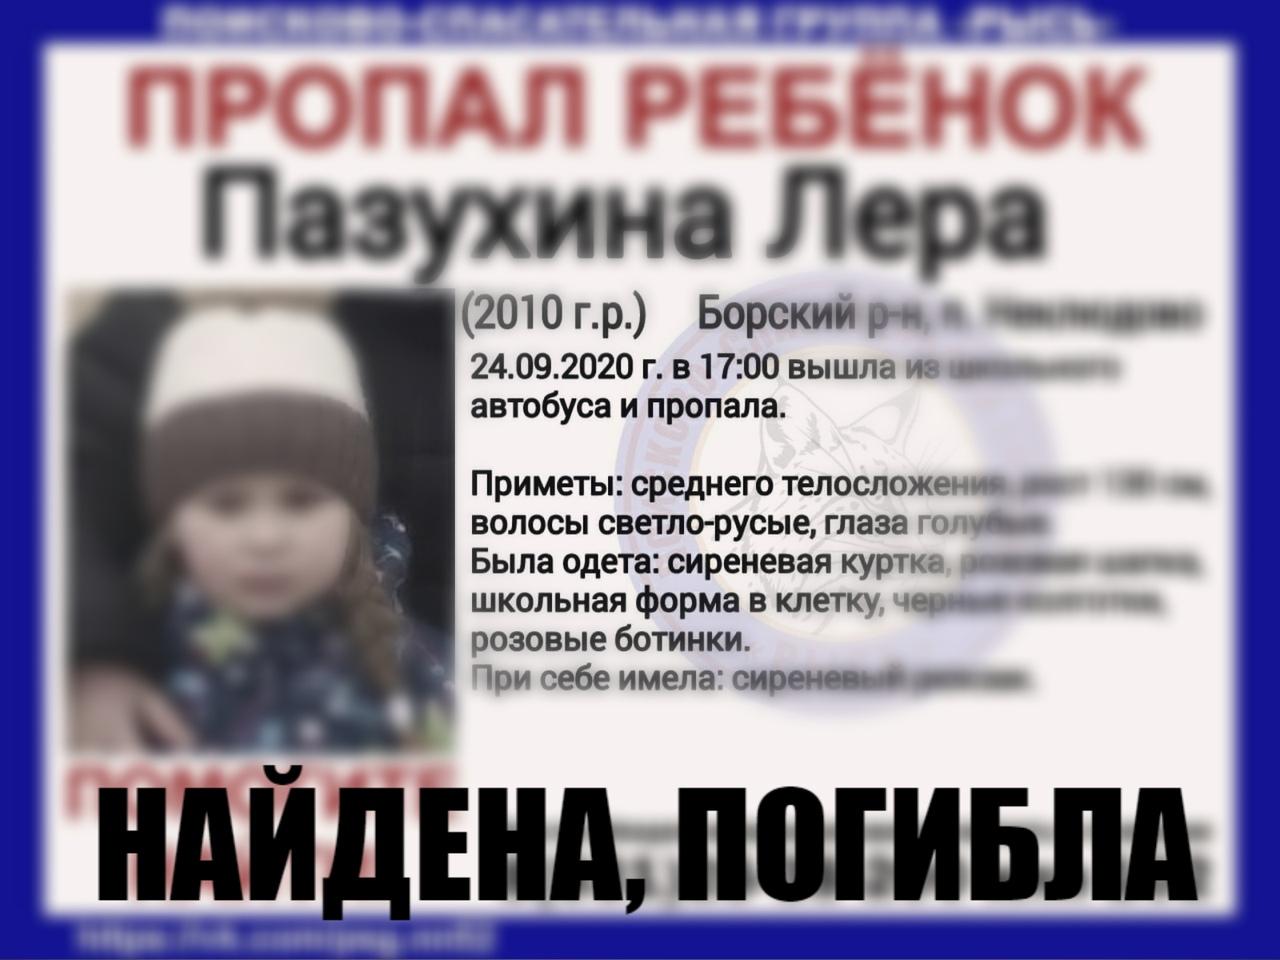 Пазухина Лера, 9 лет, Борский р-он, п. Неклюдово